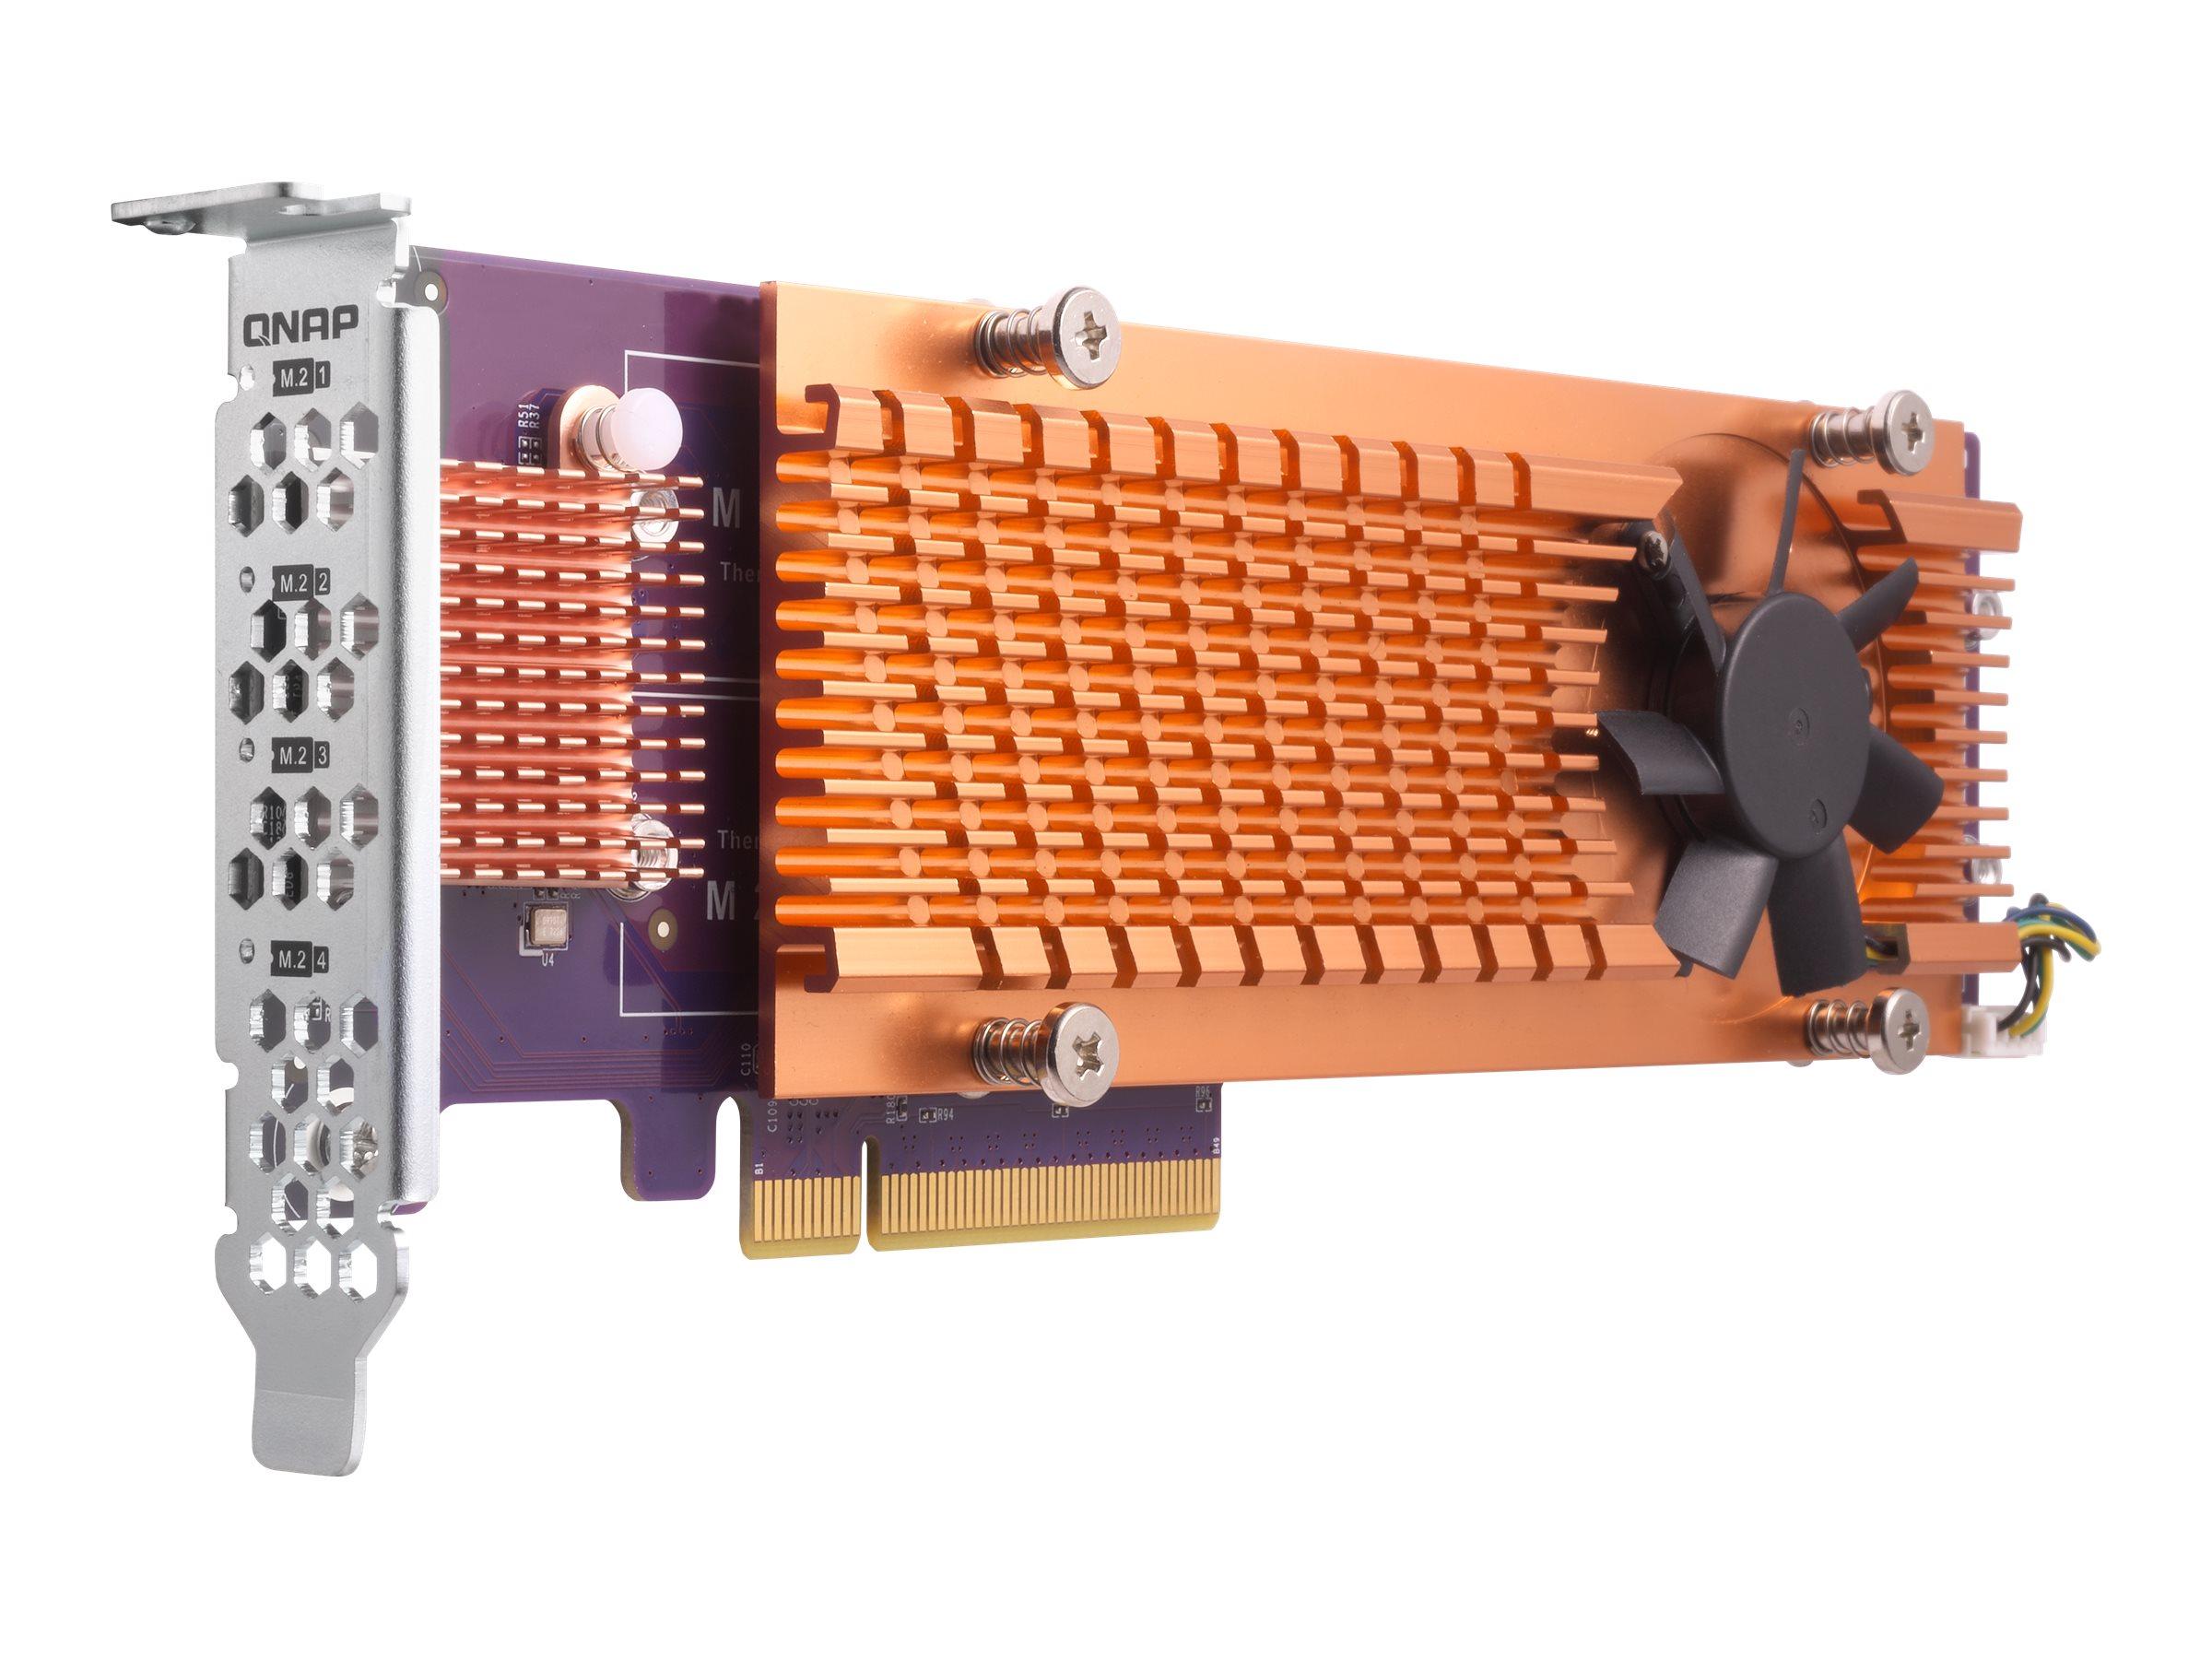 QNAP QM2-4P-384 - storage controller - PCIe 3.0 - PCIe 3.0 x8